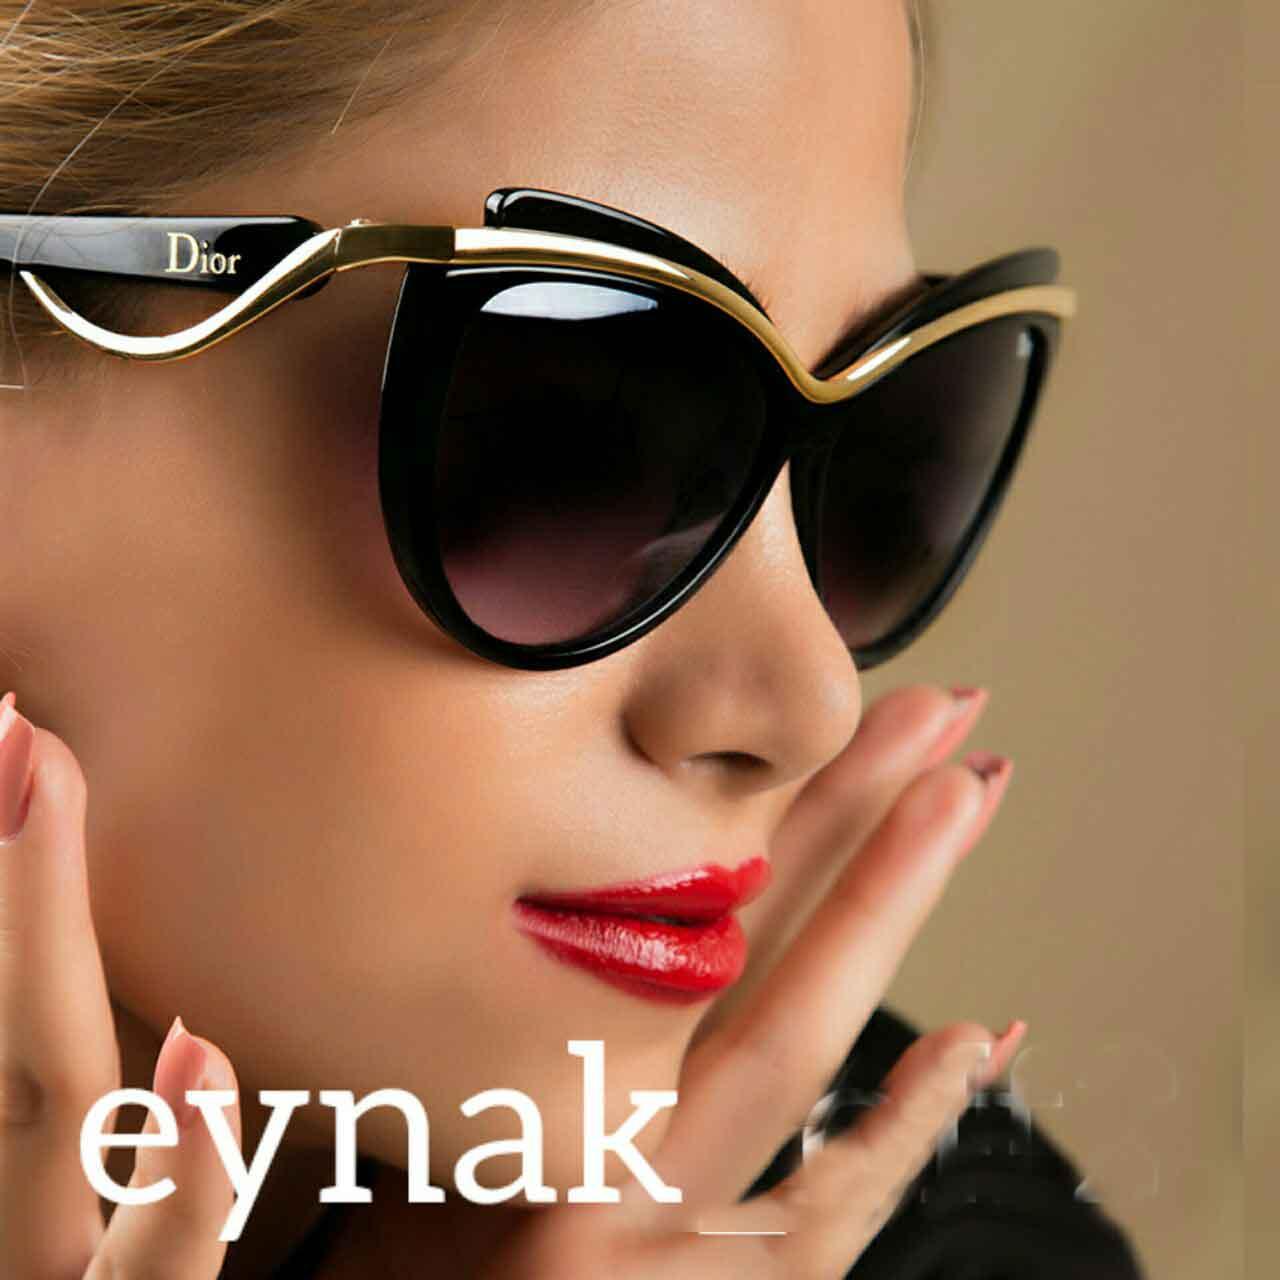 عینک مد روز مارک دیور